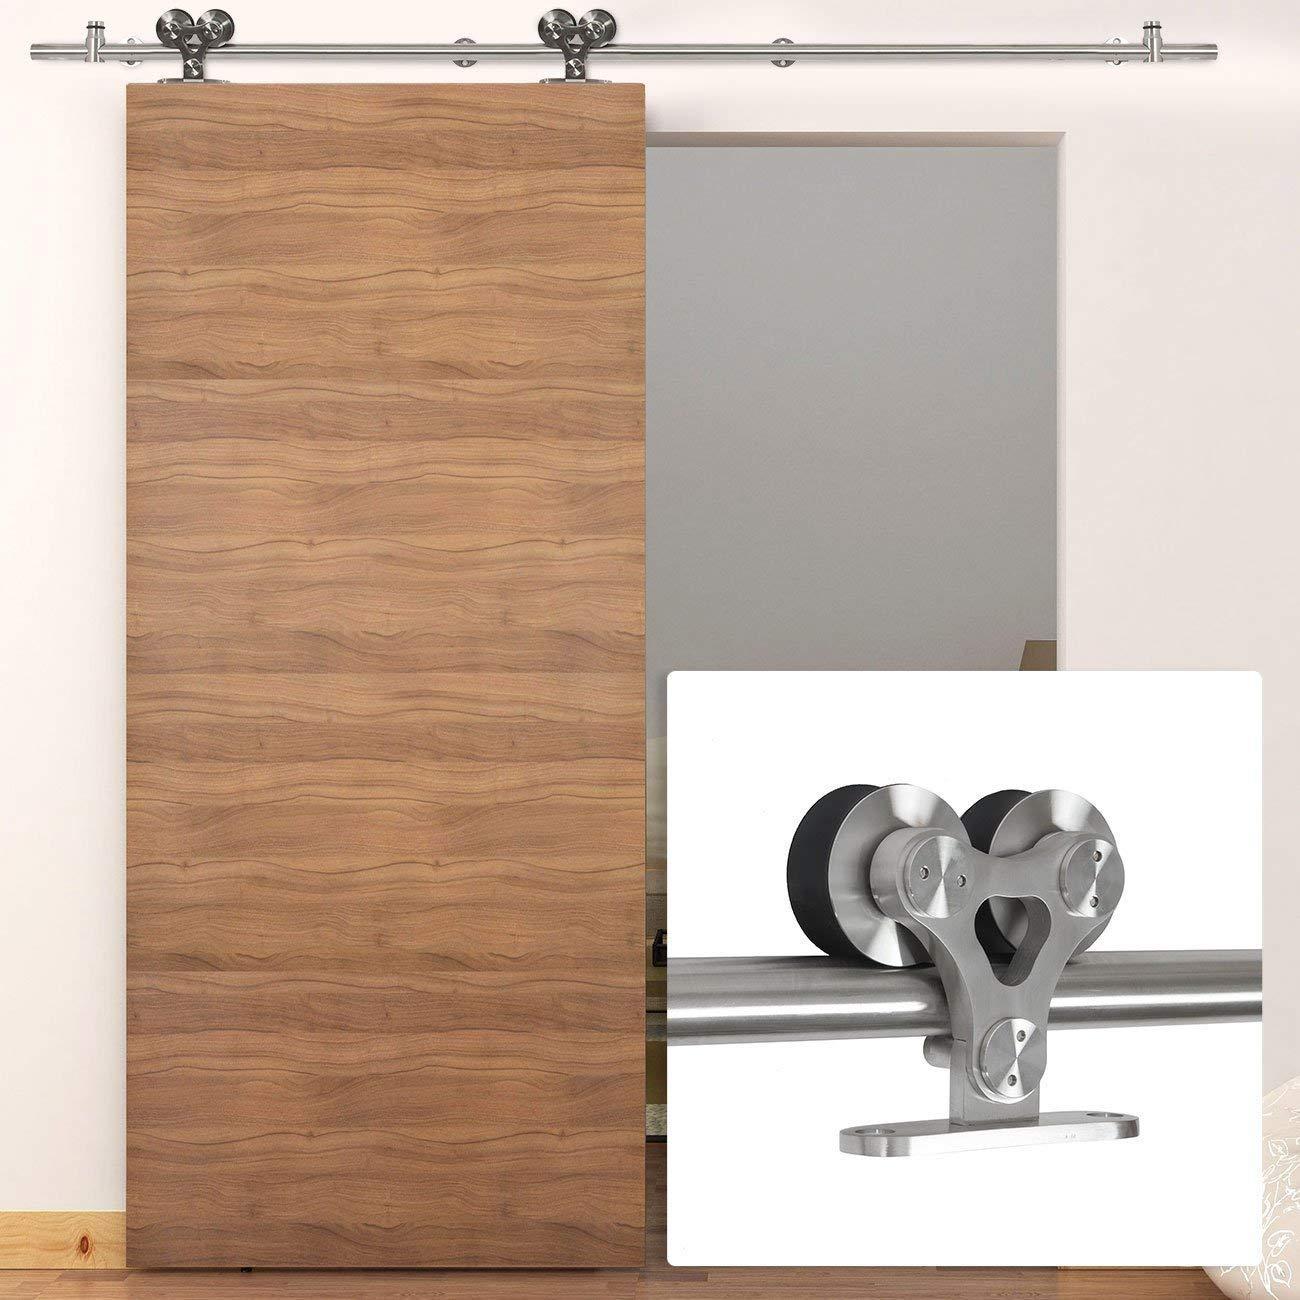 B-Line 8 ft Modern Sliding Barn Door Track Hardware Stainless Handles